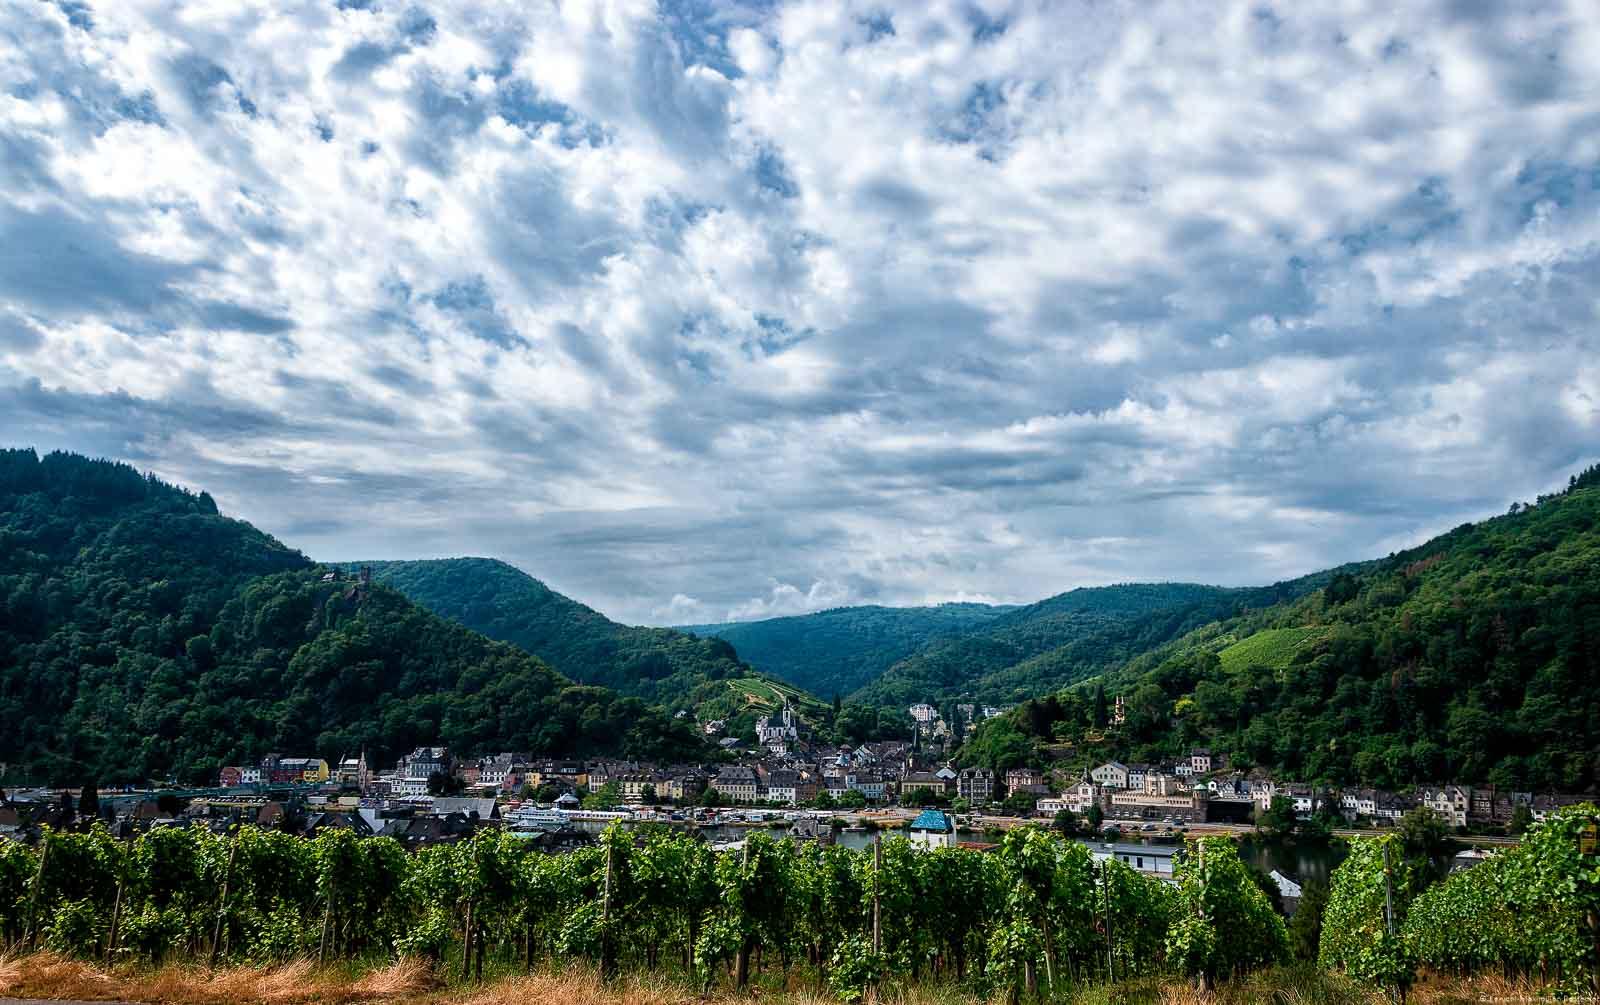 Die Altstadt von Traben-Trarbach ist geprägt vom Jugendstil. Im Hintergrund erkennt man den Trarbacher Burgberg und den Trarbacher Schlossberg.Die Mosel fließt durch den Ort. Der Himmel ist stark bewölkt. Die Doppelstadt liegt im Bereich der Mittelmosel.